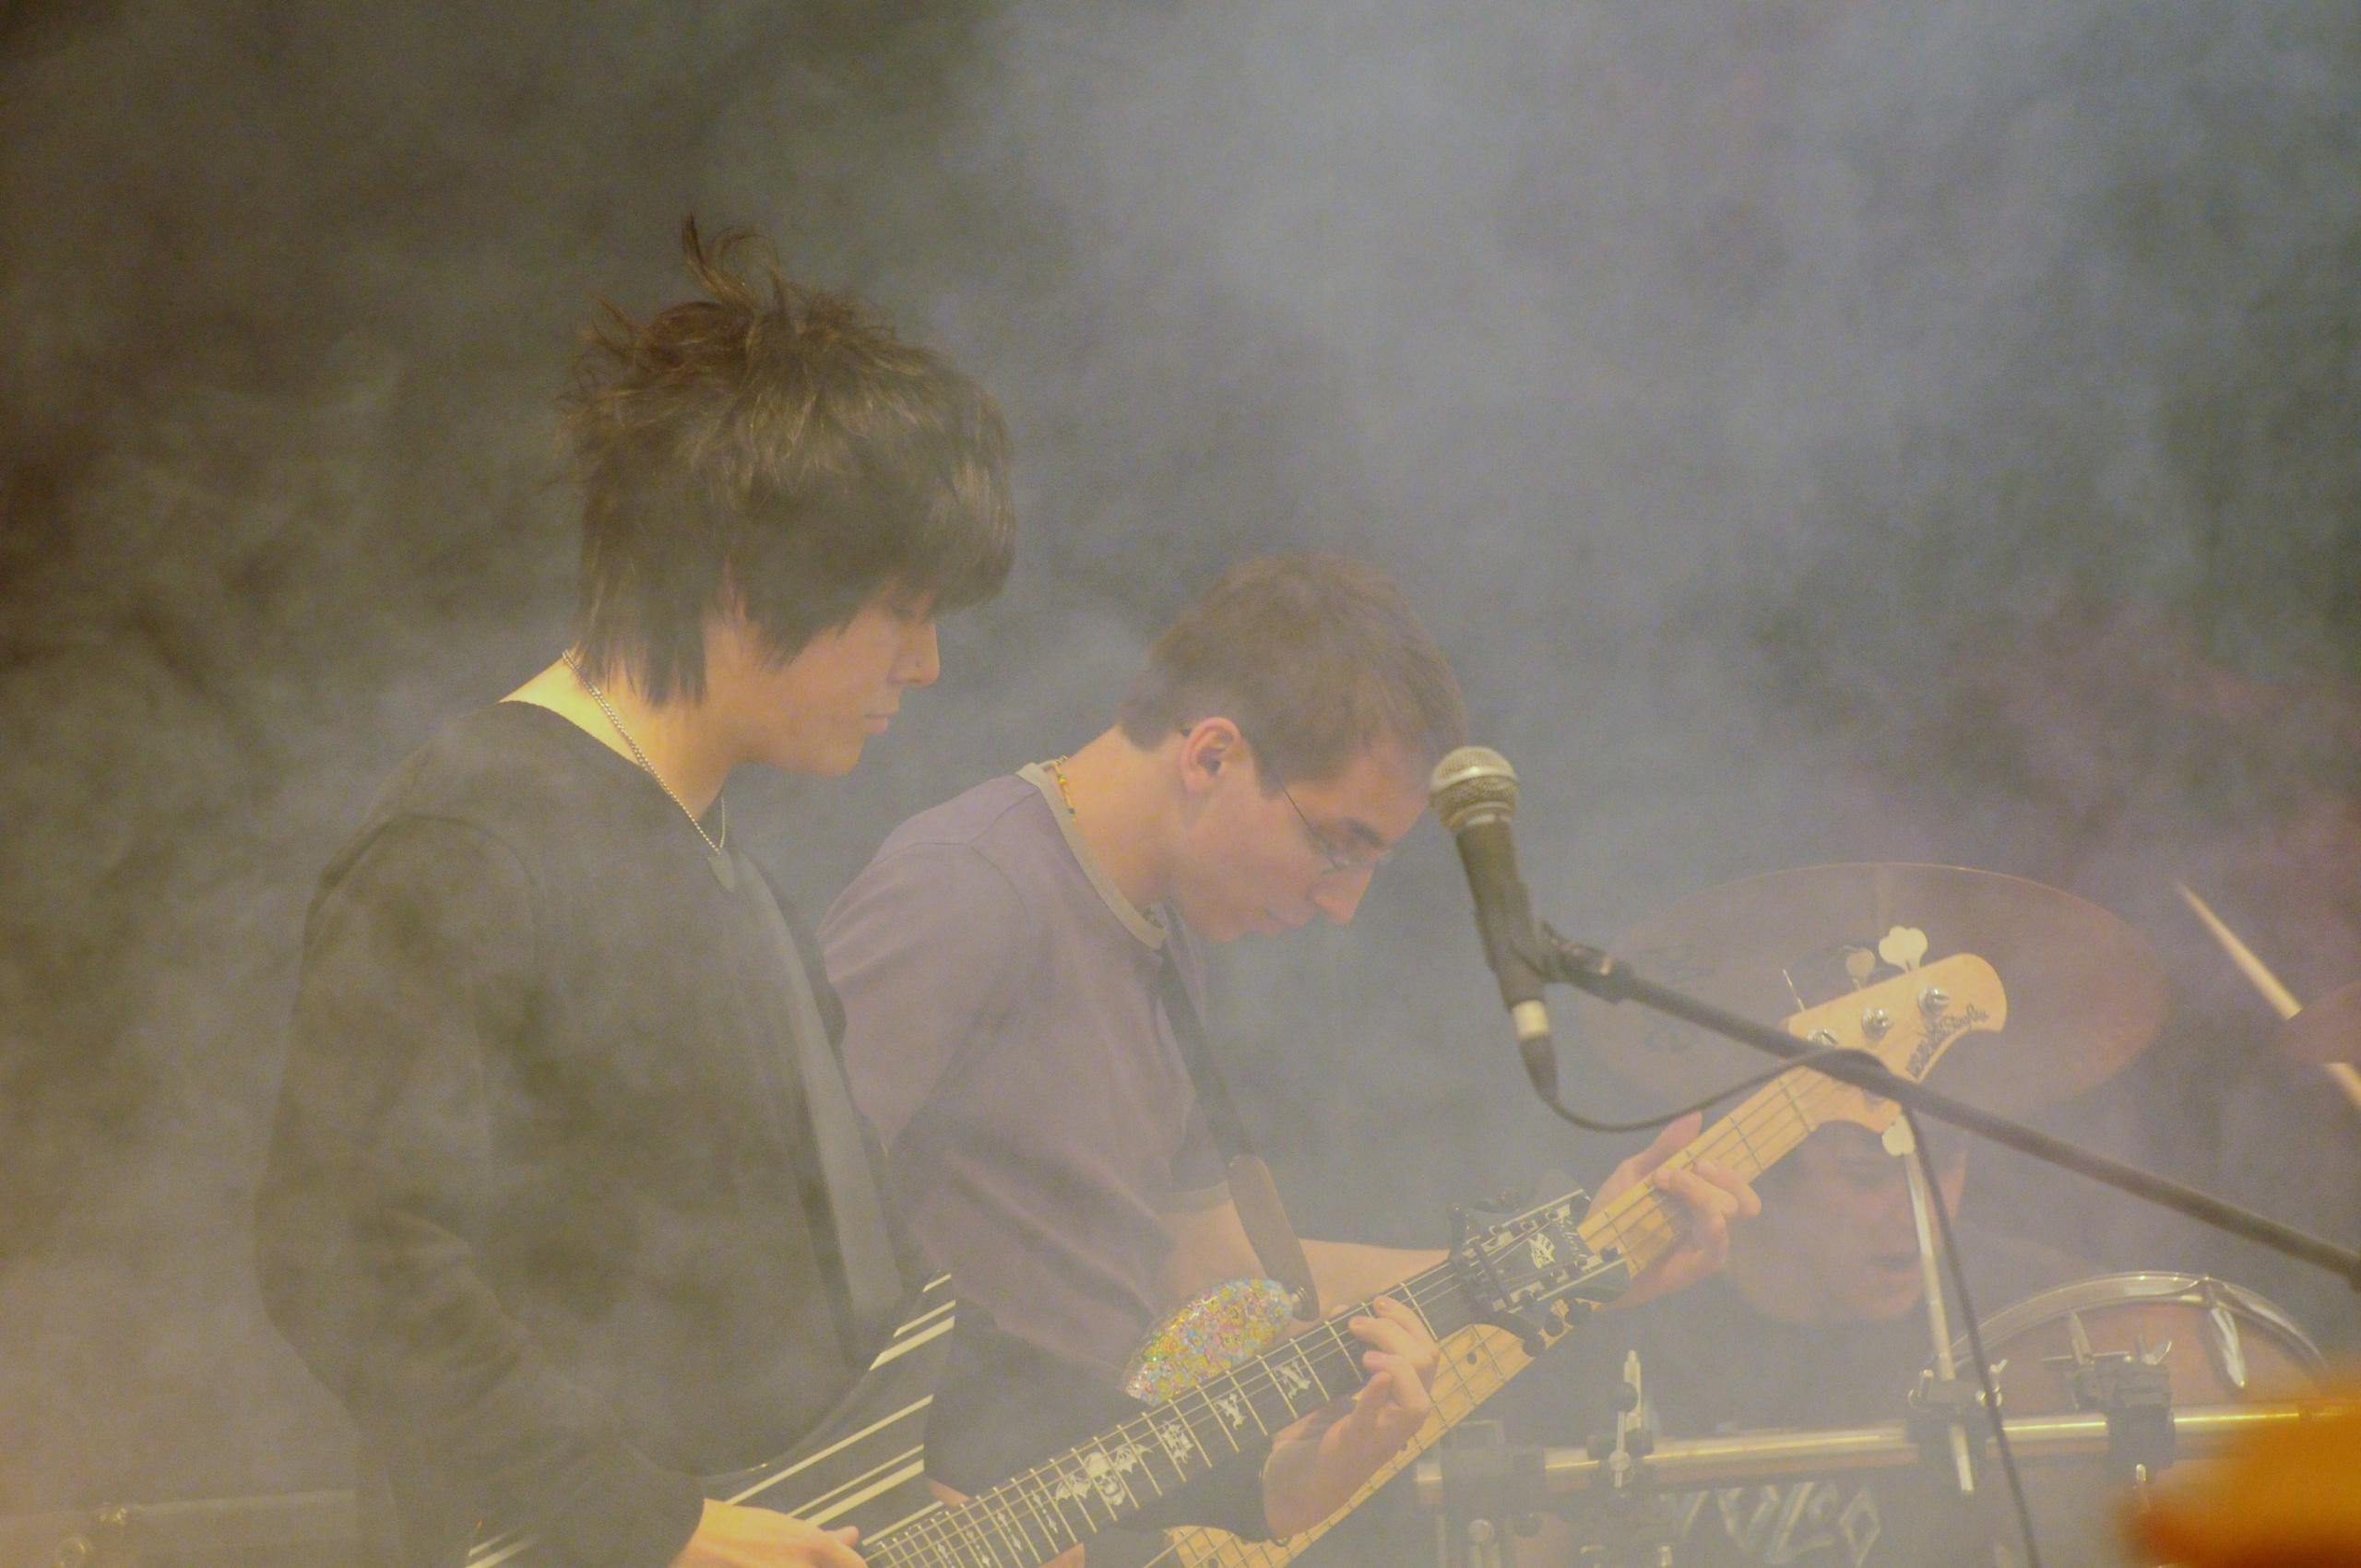 Concert Guitare Chanteur